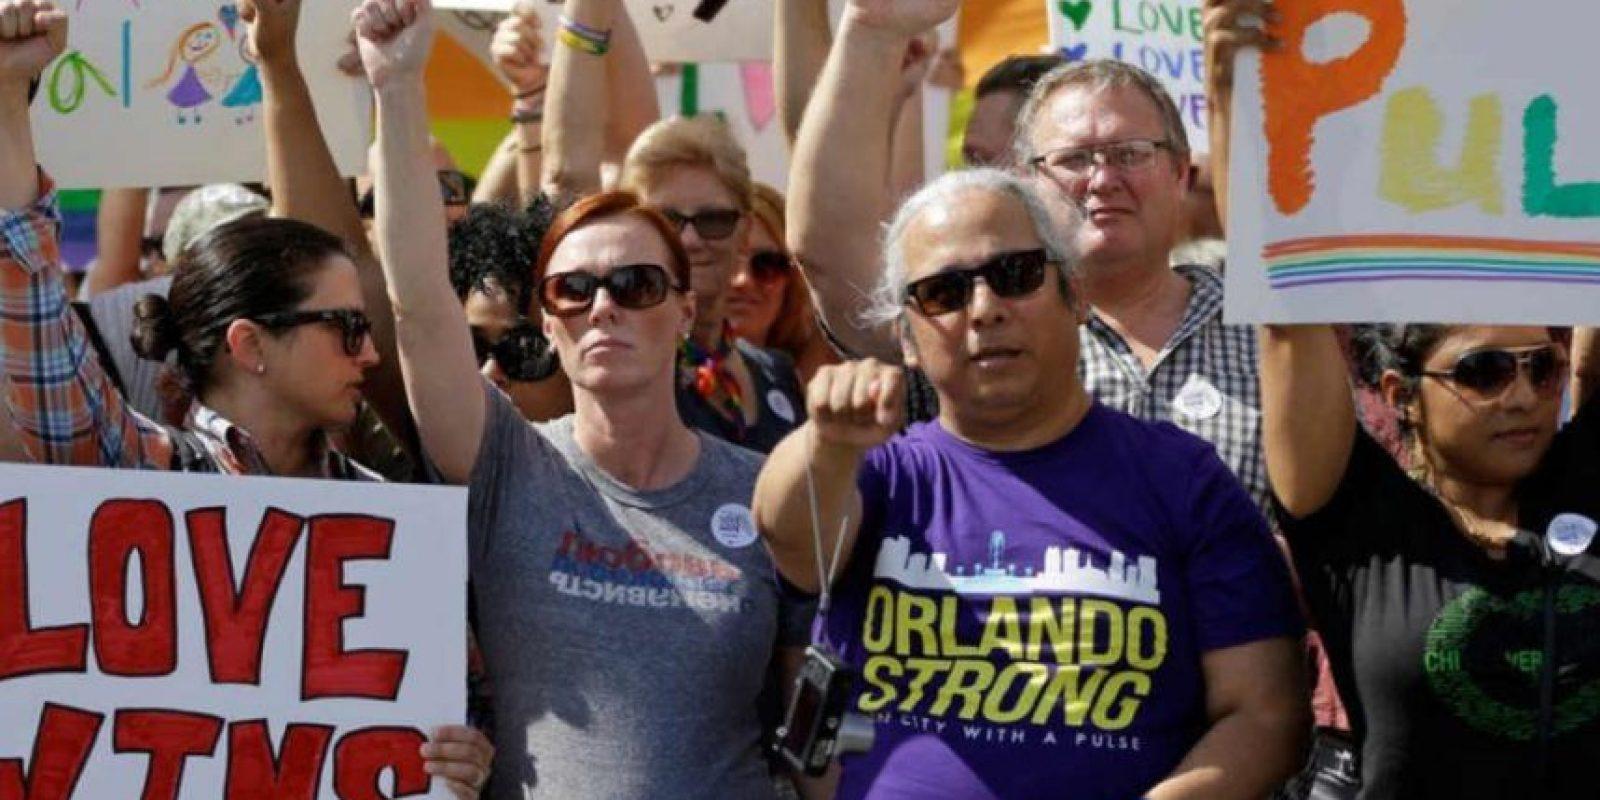 La comunidad no dejó de apoyar a la comunidad LGBTI. Foto:AP